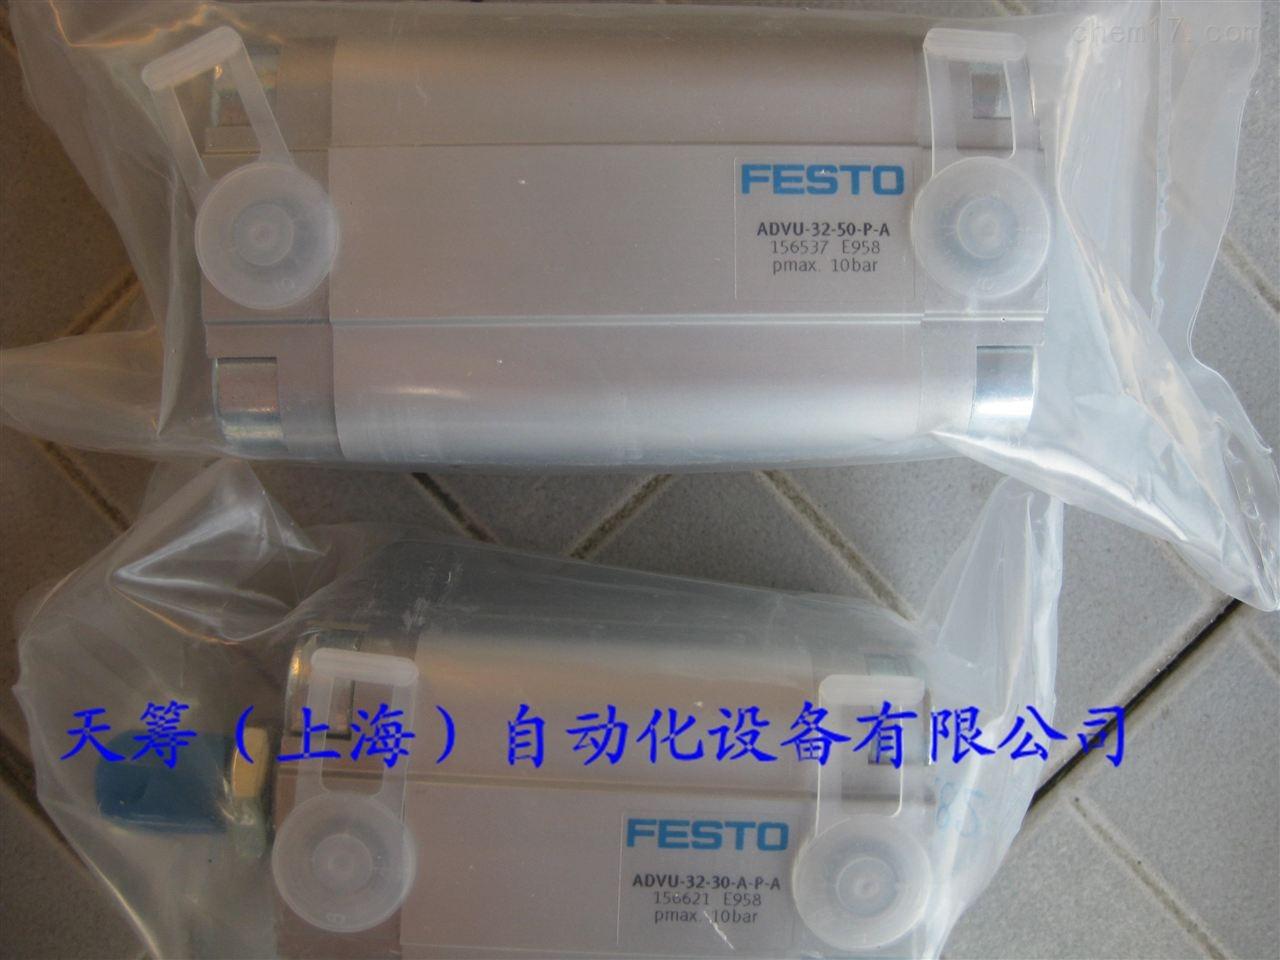 FESTO紧凑型气缸ADVU-32-50-P-A